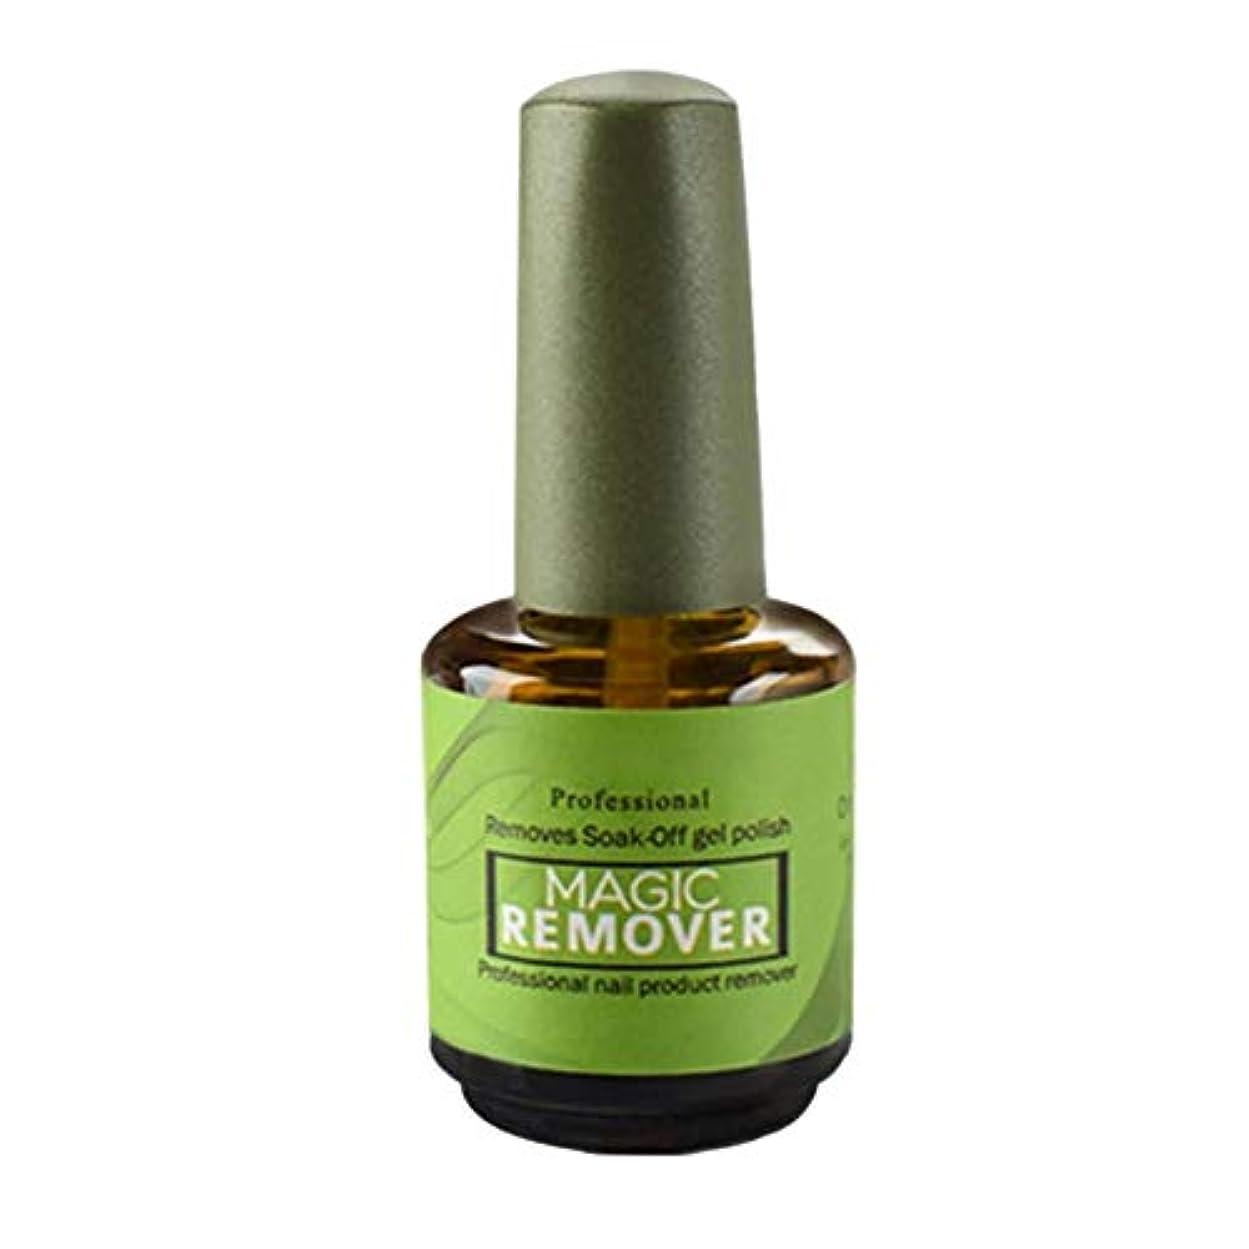 ハウス構想するなぞらえるGorgeou マジックリムーバーがネイルポリッシュを拭き取ると、ジェルプロフェッショナルバーストクリーン脱脂剤が除去されます